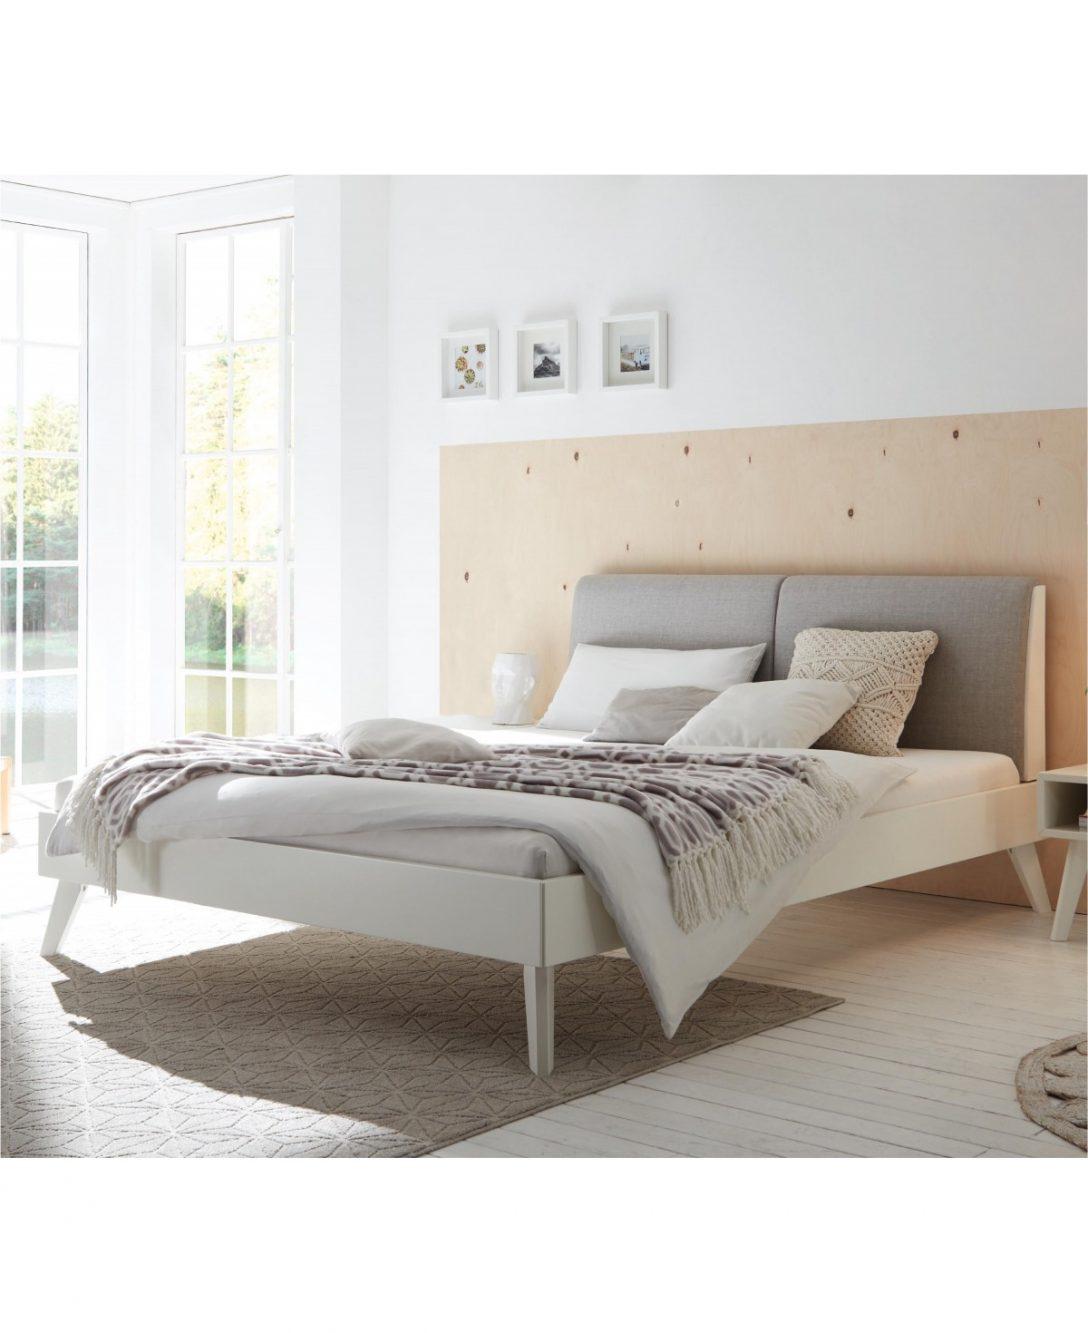 Large Size of Bett 160x200 Grau Zuhause Mit Bettkasten 180x200 Tagesdecke Günstig Kaufen Tojo Niedrig Weiß 100x200 Schlafzimmer Betten 2x2m Skandinavisch Lattenrost Und Bett Weißes Bett 160x200